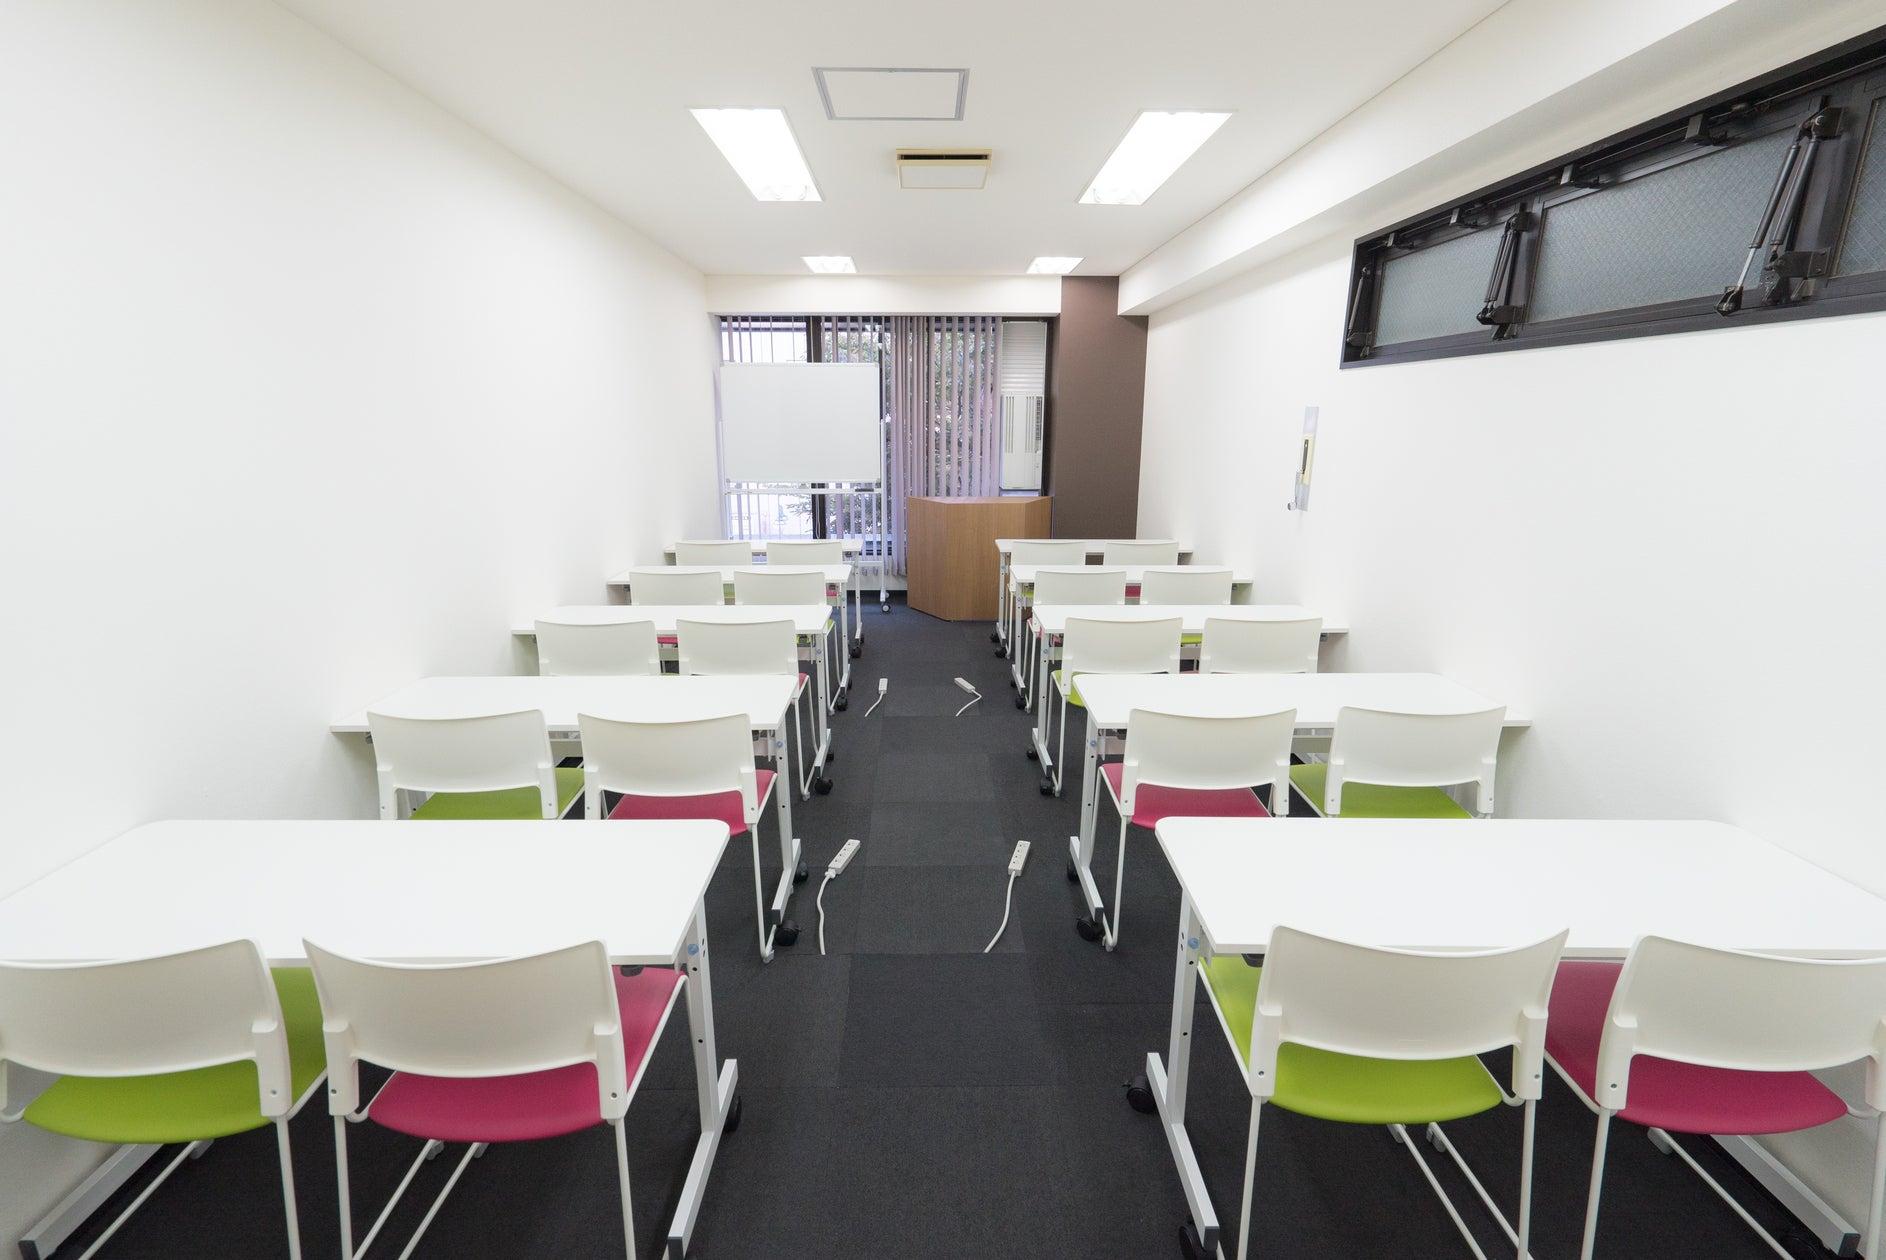 【博多駅すぐオフィスビル】A02(20名収容):明るいスペース!会議・セミナー・イベント・説明会・スクールに(【博多】レンタルオフィス&コワーキングスペース「BASES福岡」(ベイシズ)) の写真0